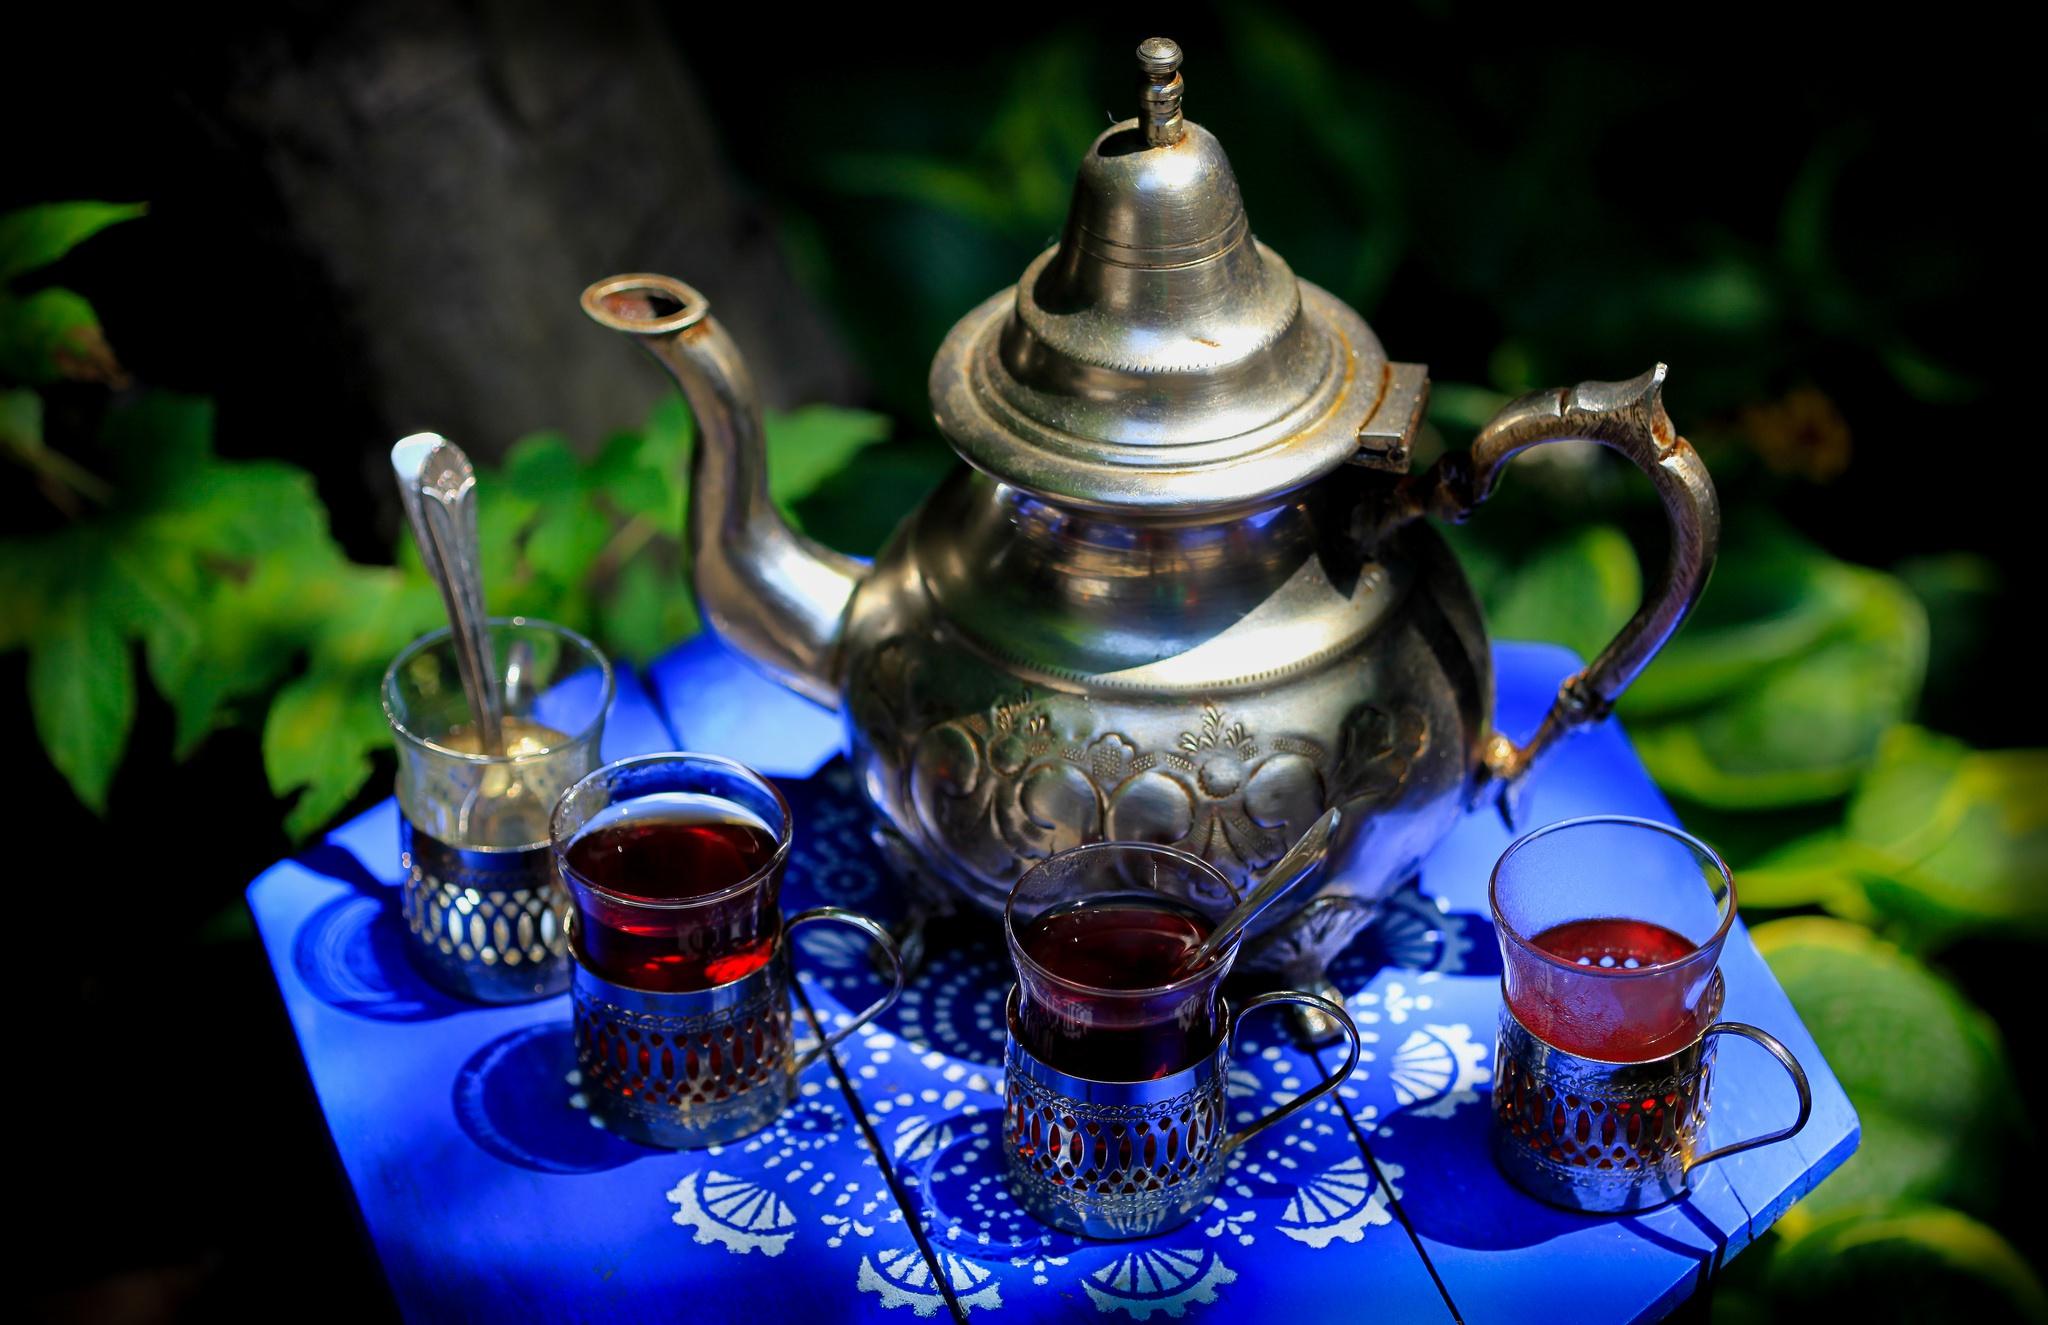 передней красивые открытки чаепития поет